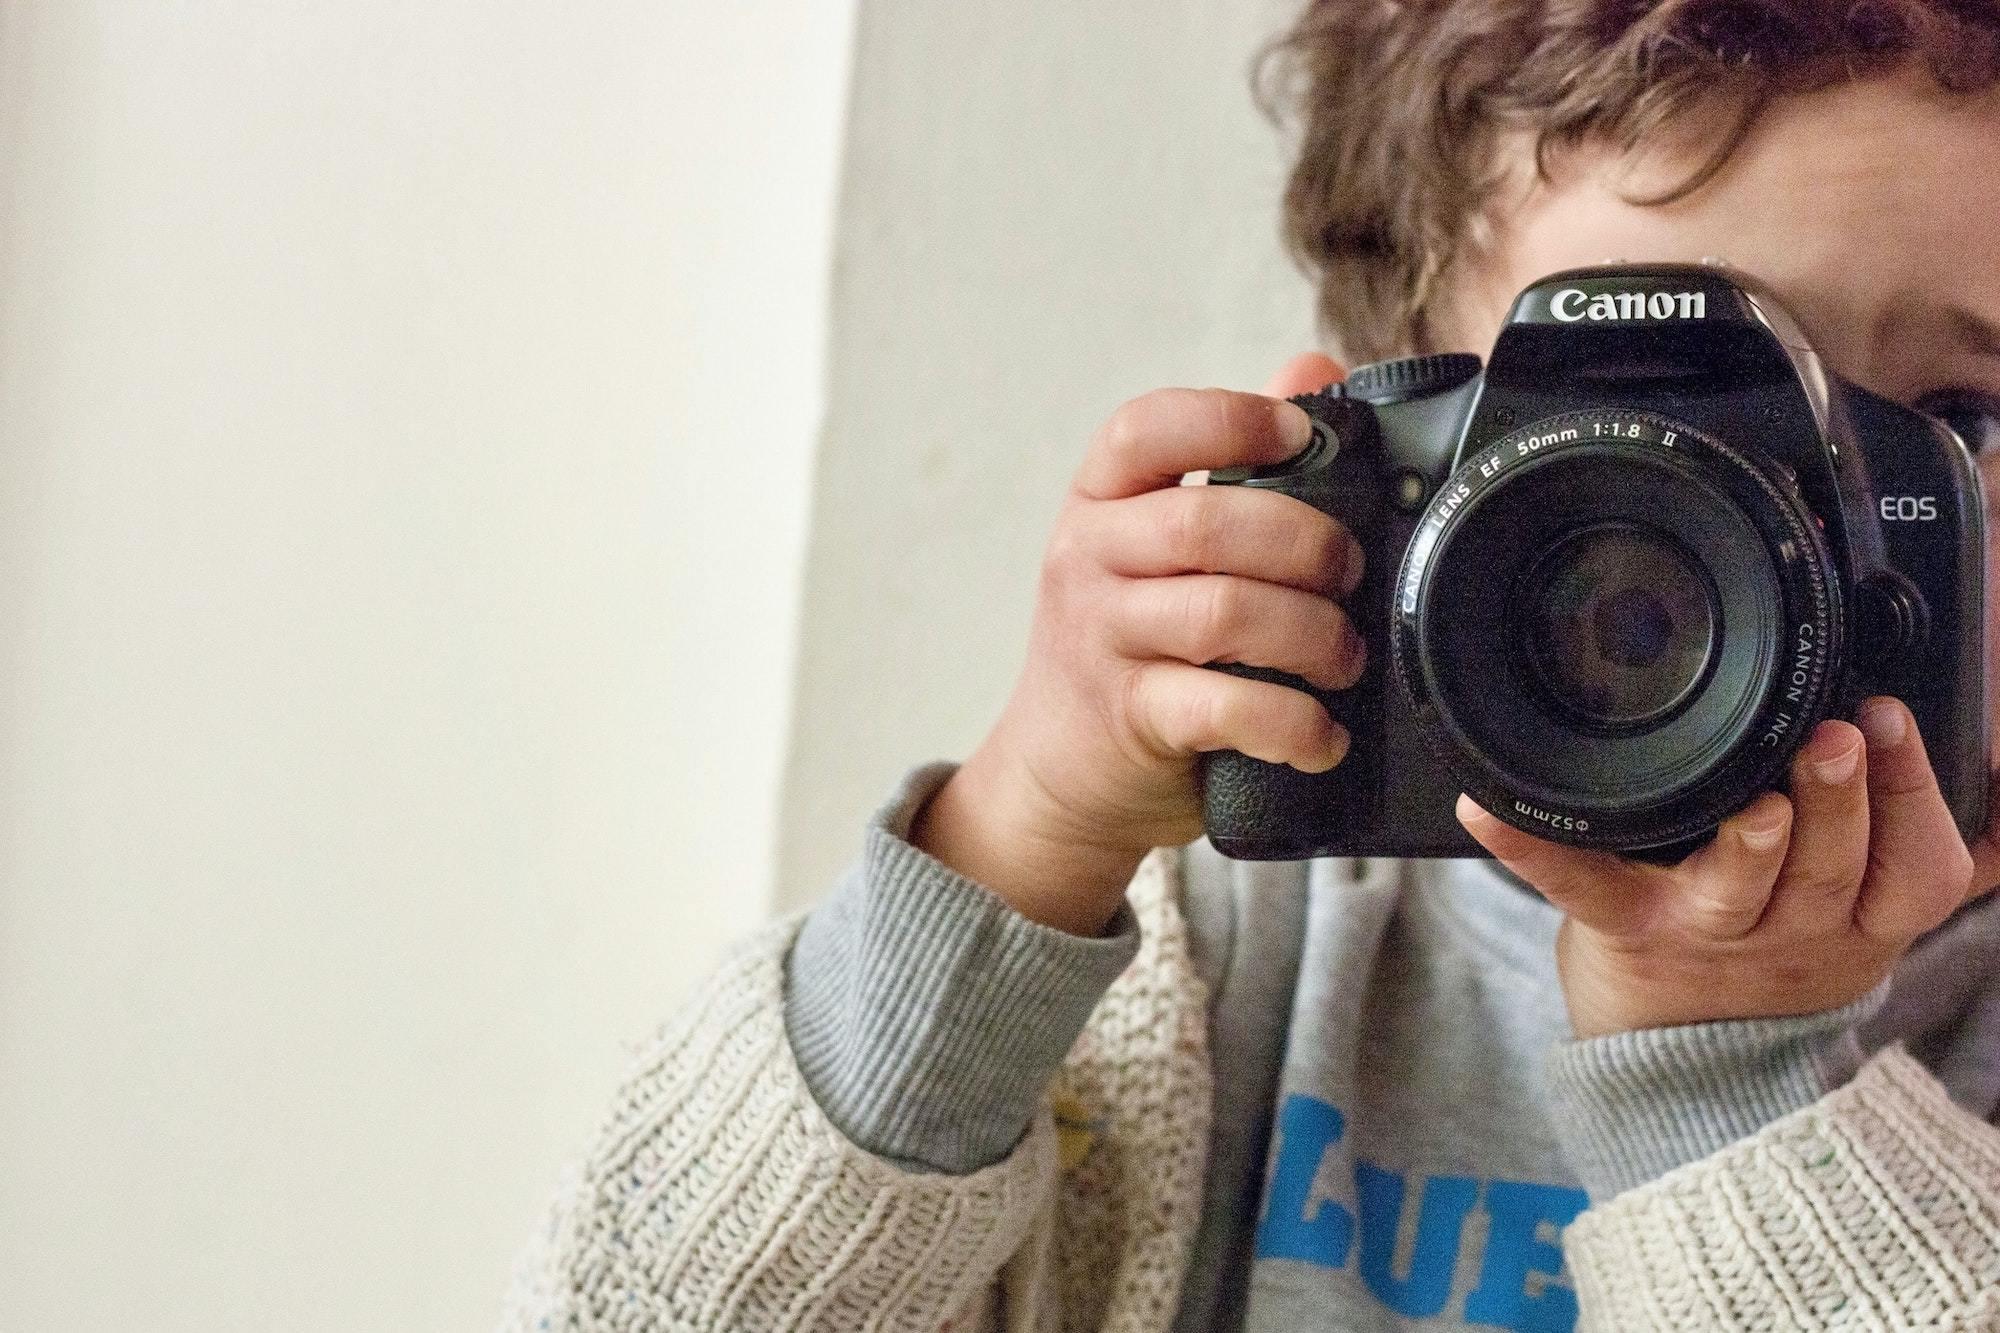 Canon Parent & Child photography workshop